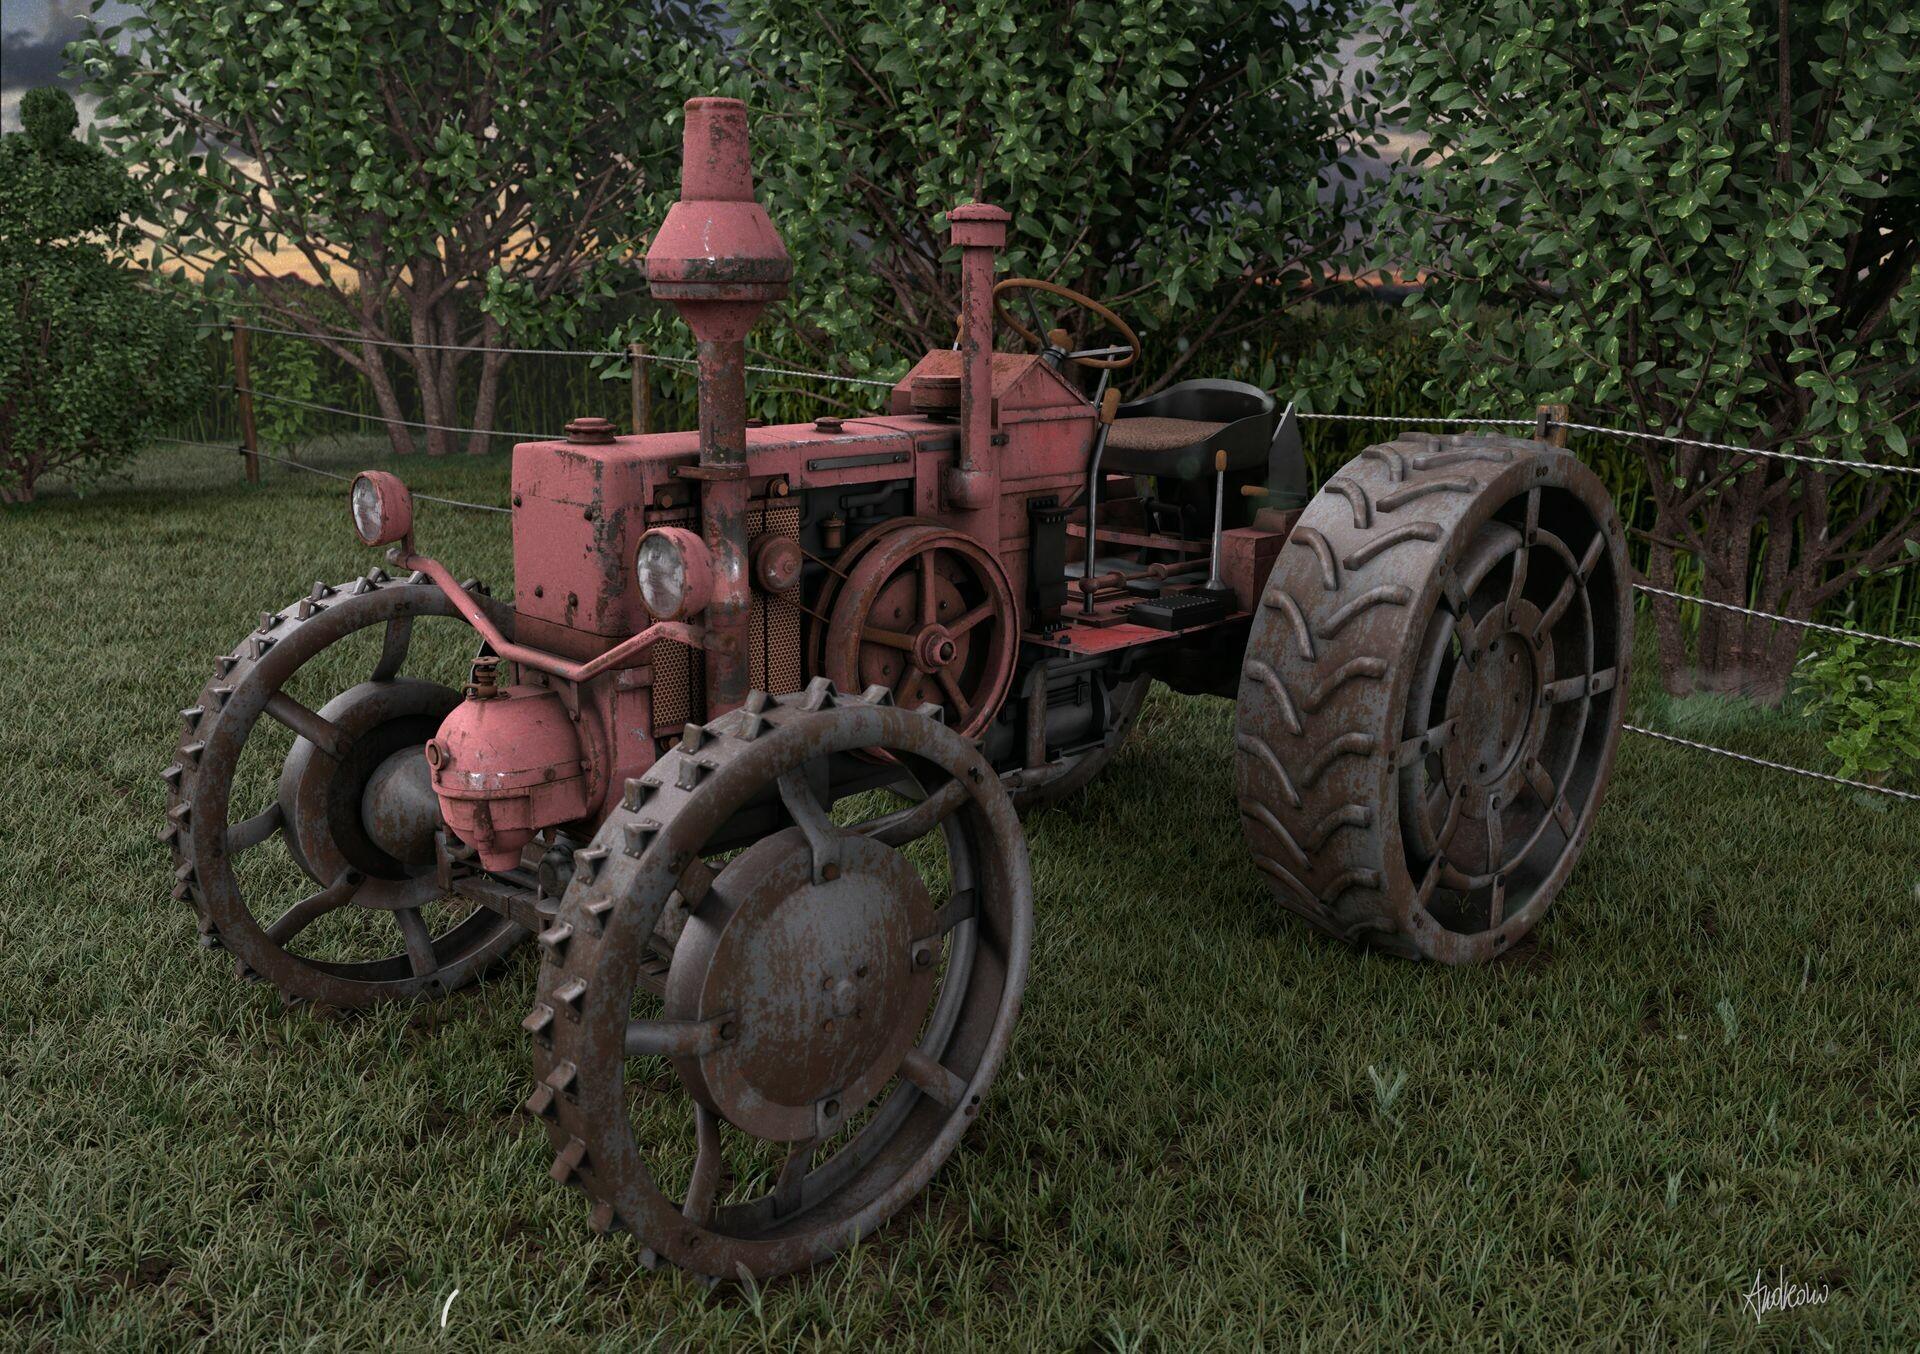 carlos-andreoni-oldtraktor.jpg?159360945